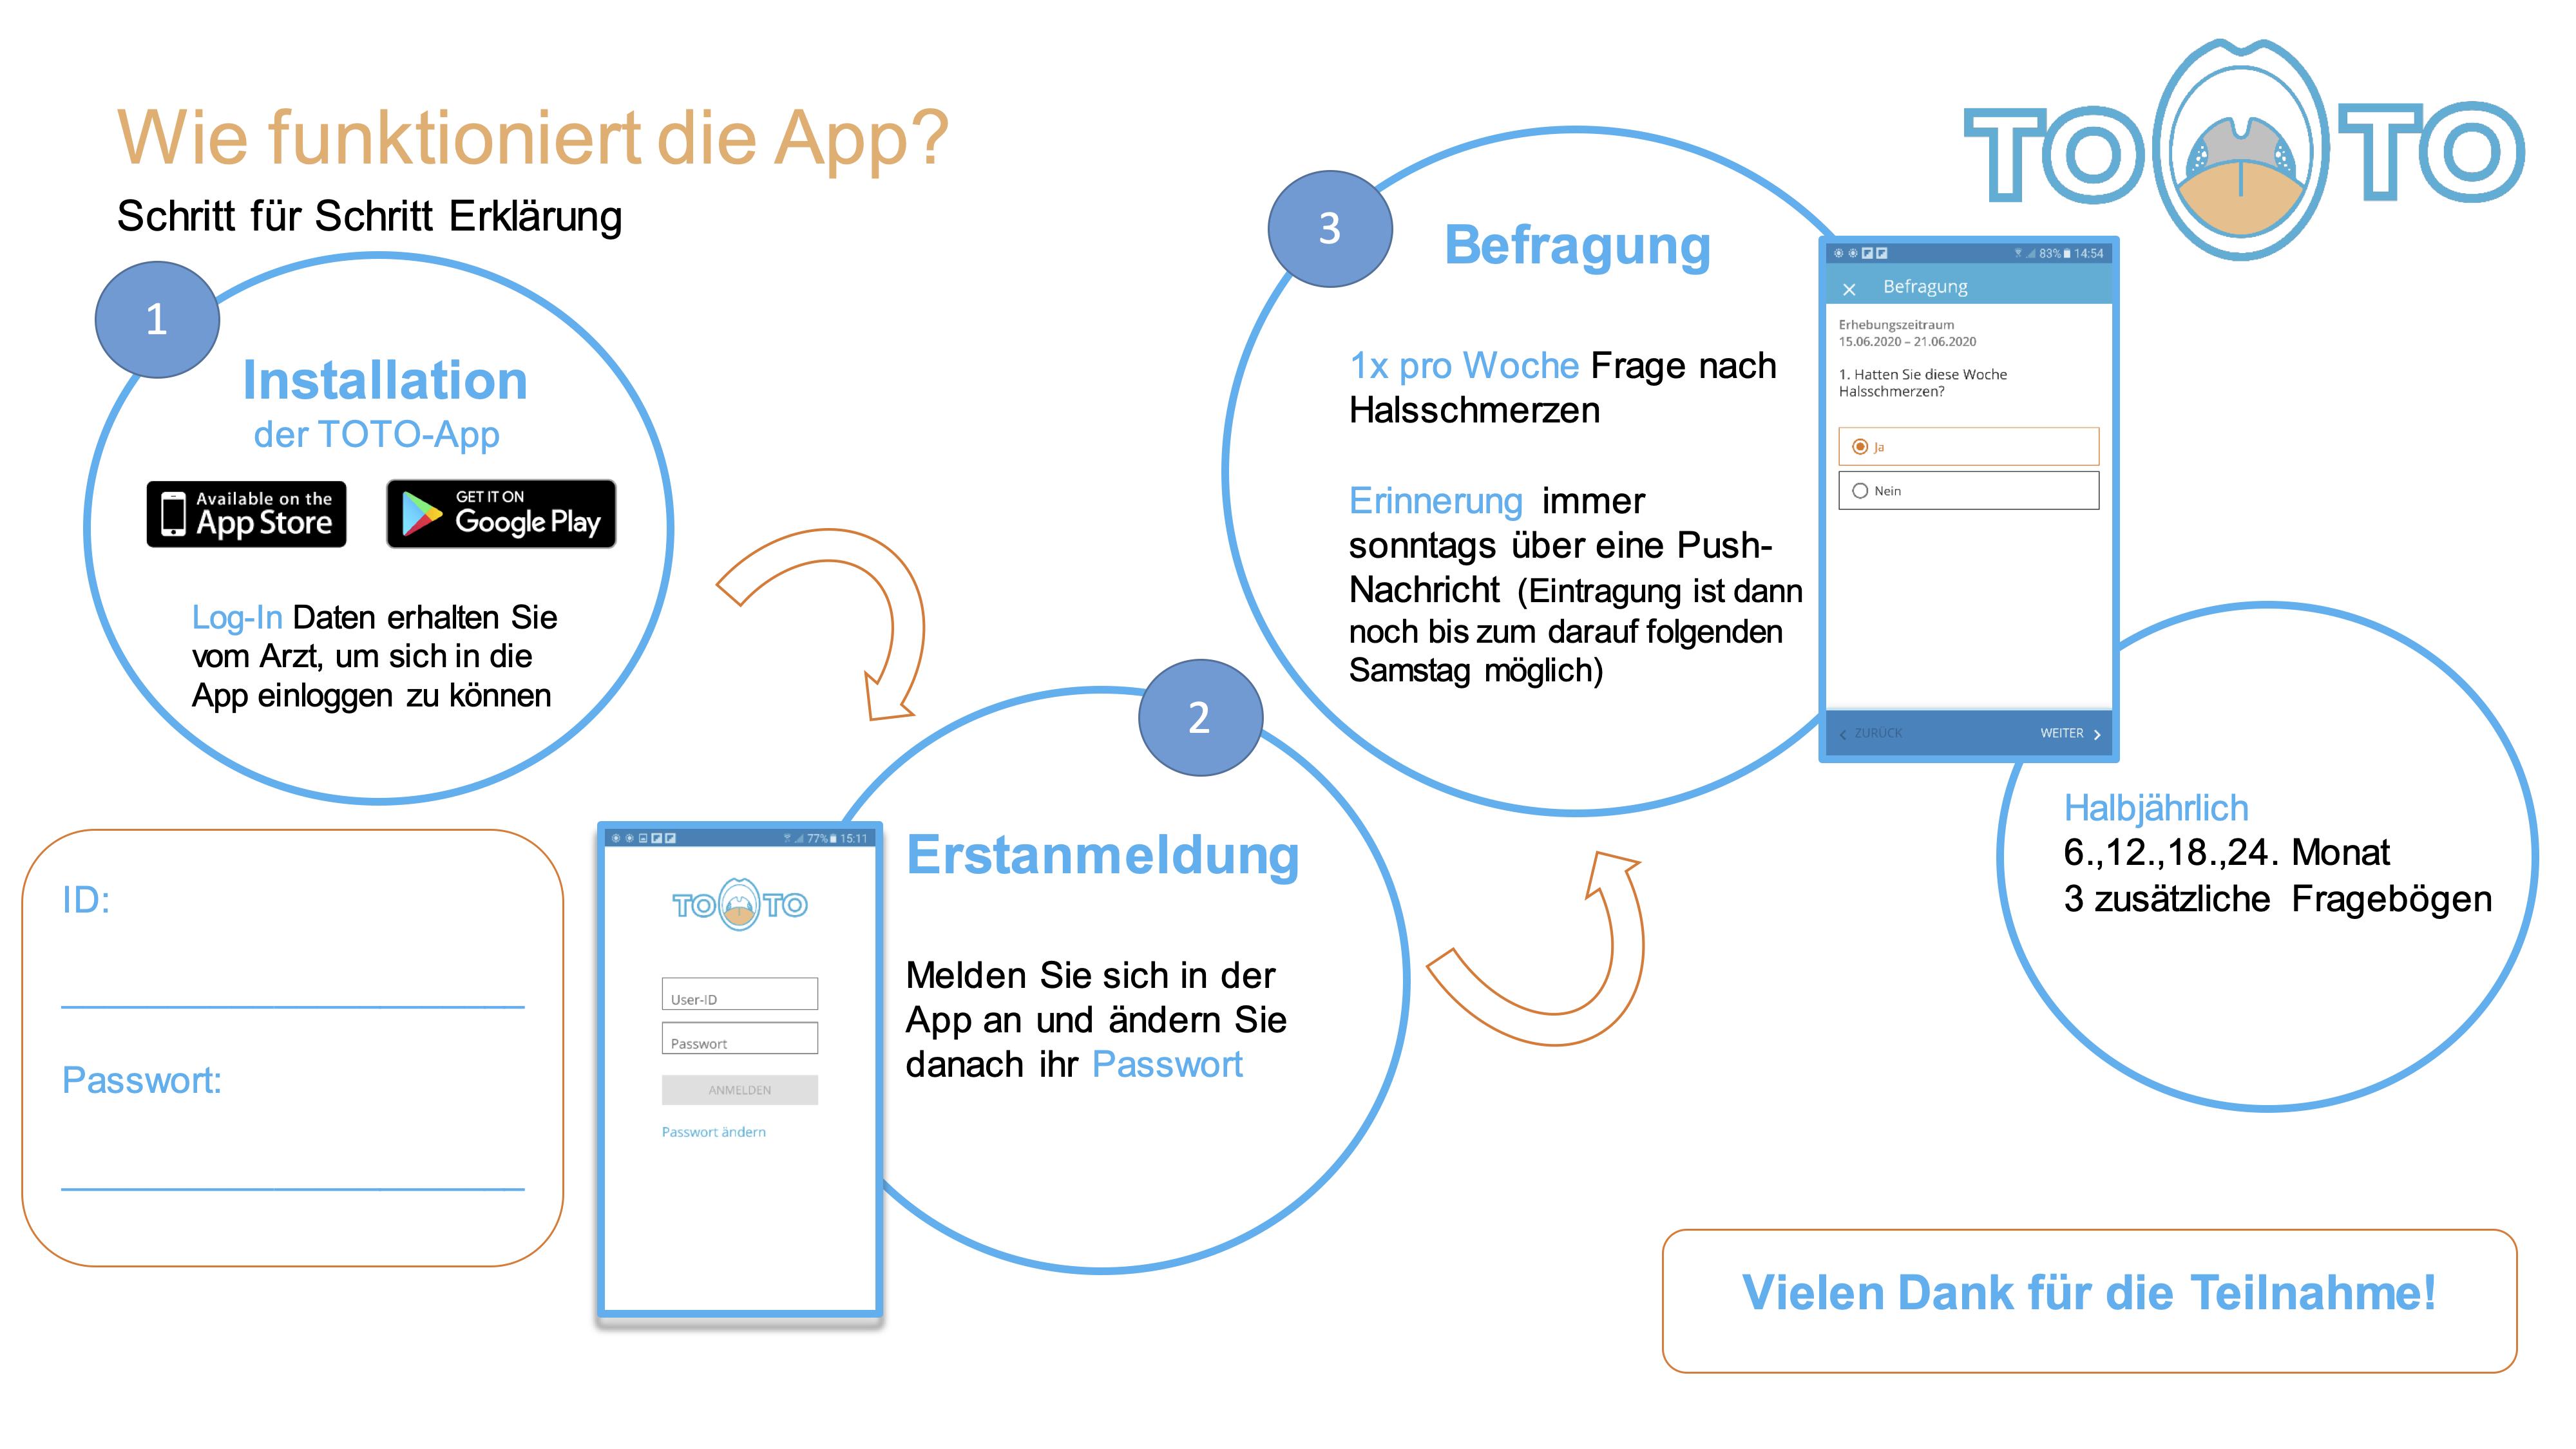 Wie funktioniert die App?